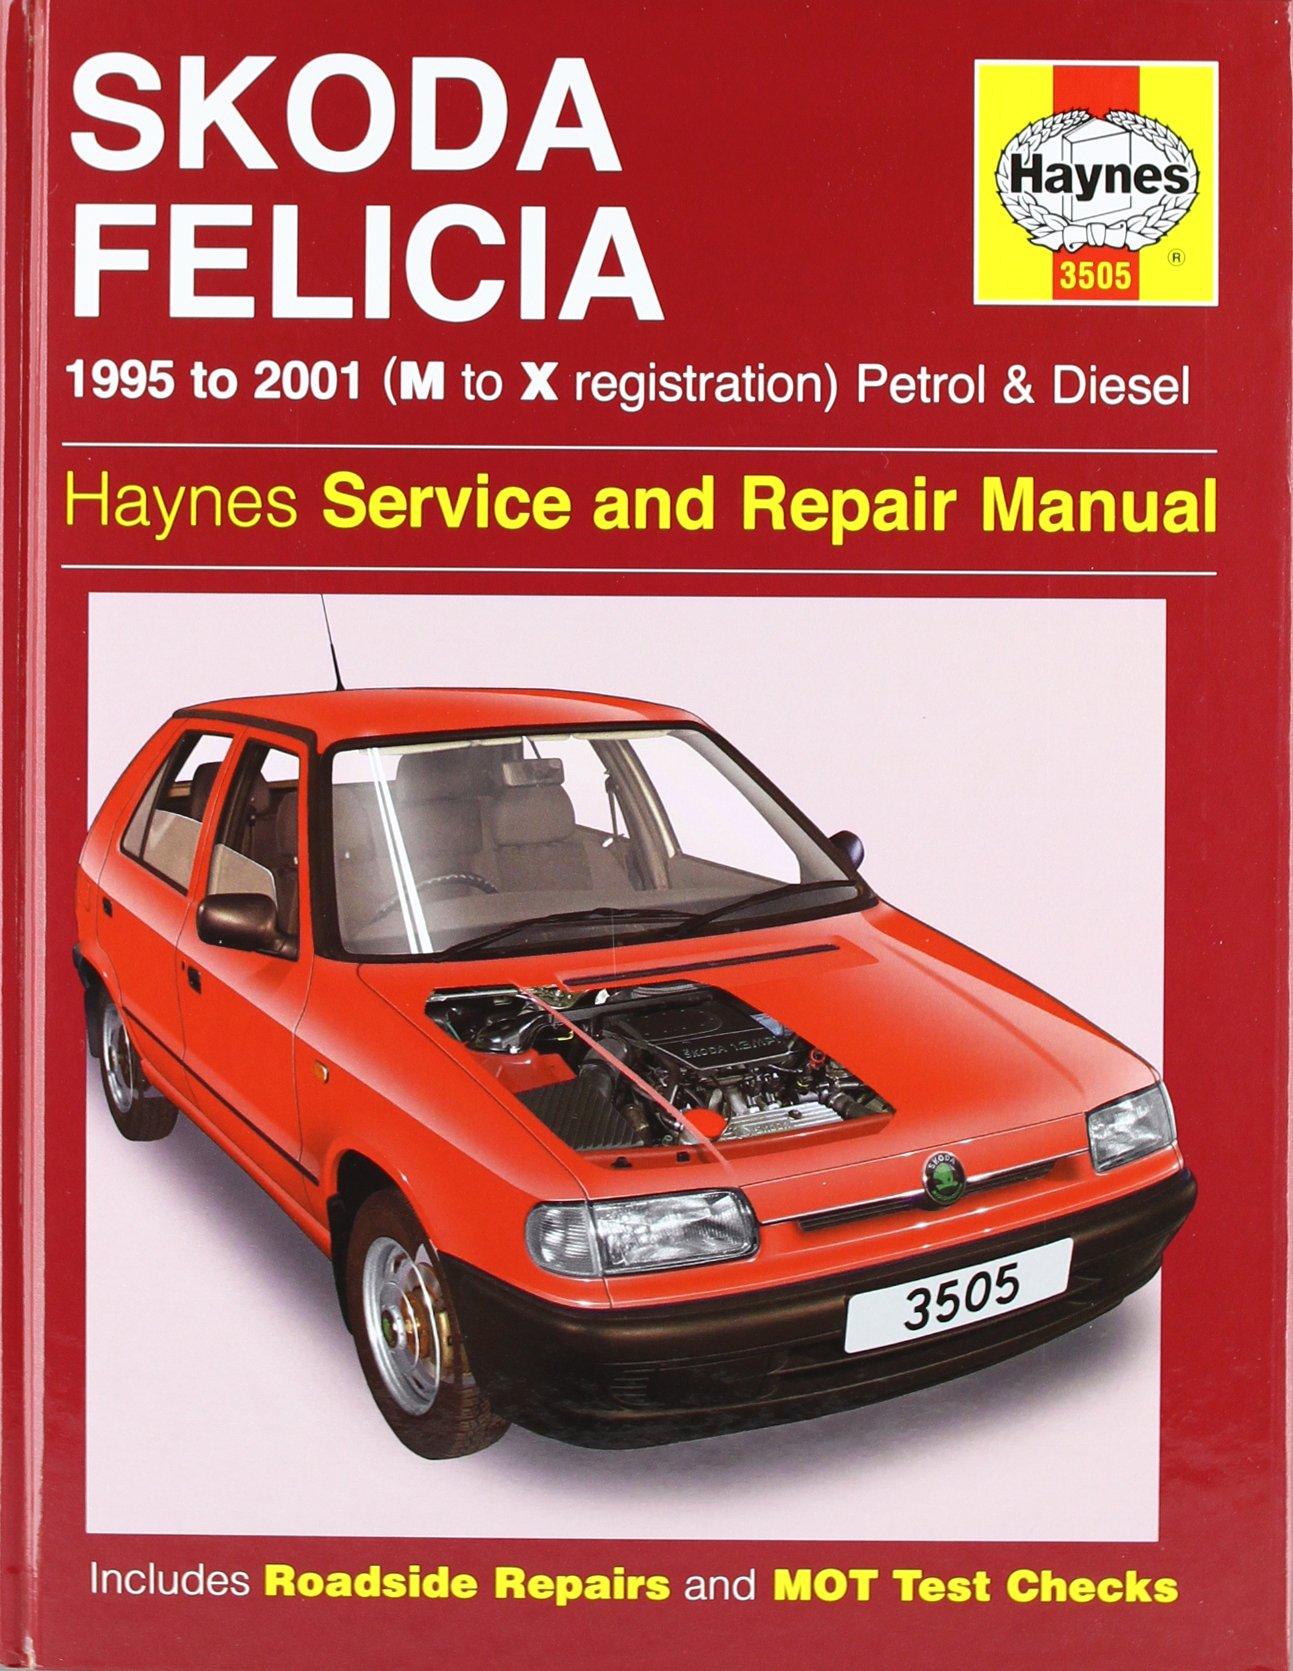 Skoda Felicia Service and Repair Manual (Haynes Service and Repair Manuals)